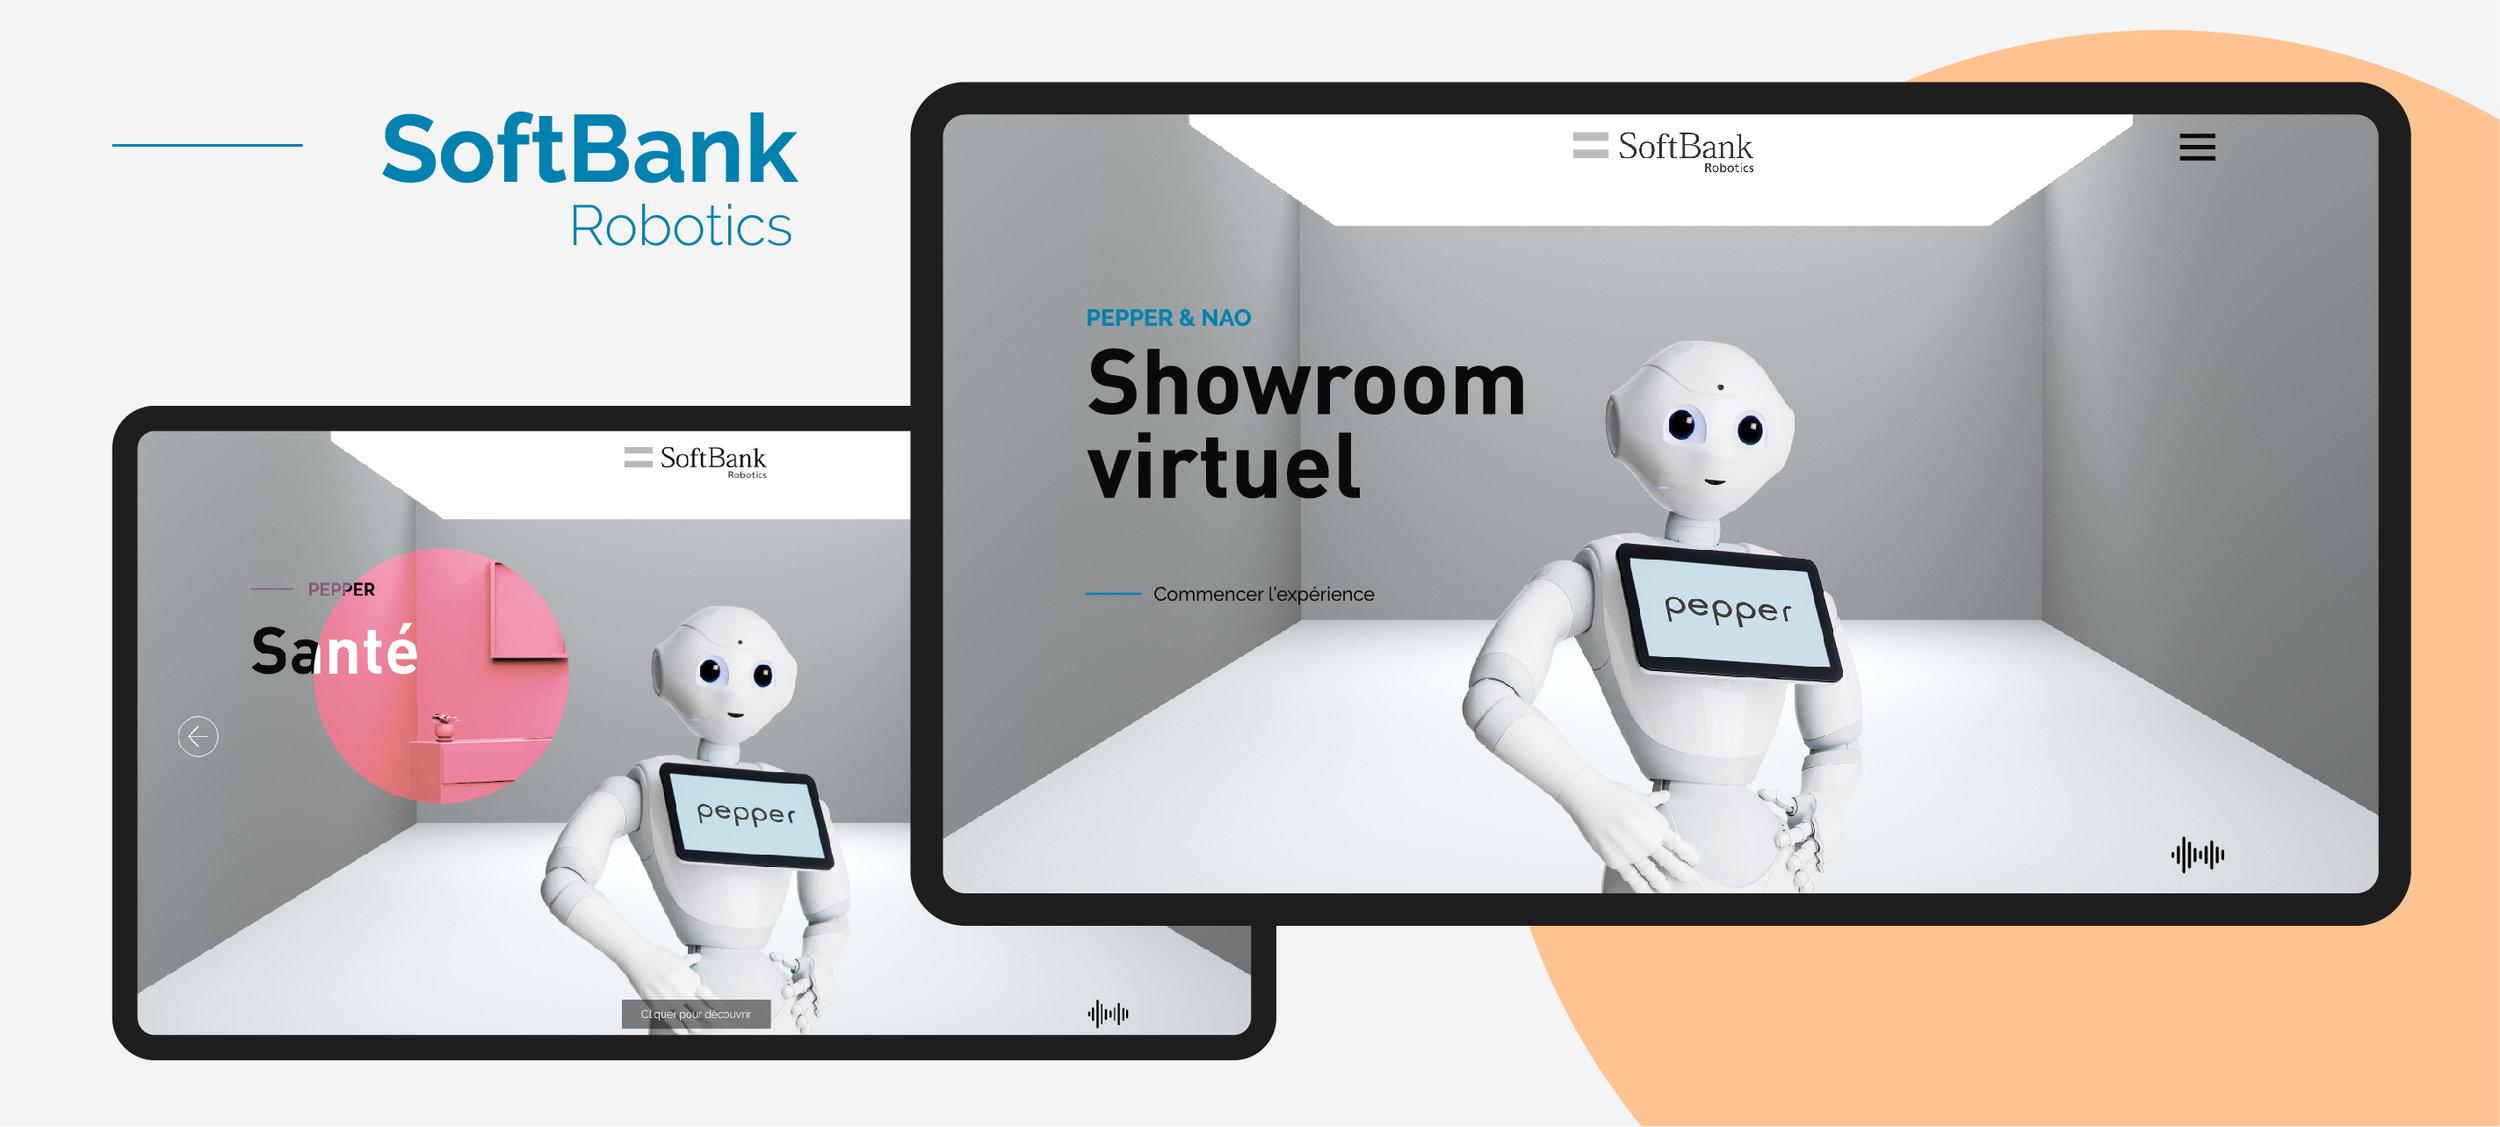 Projet SoftBank Robotics (robot pepper et nao) - Design interactif et web design